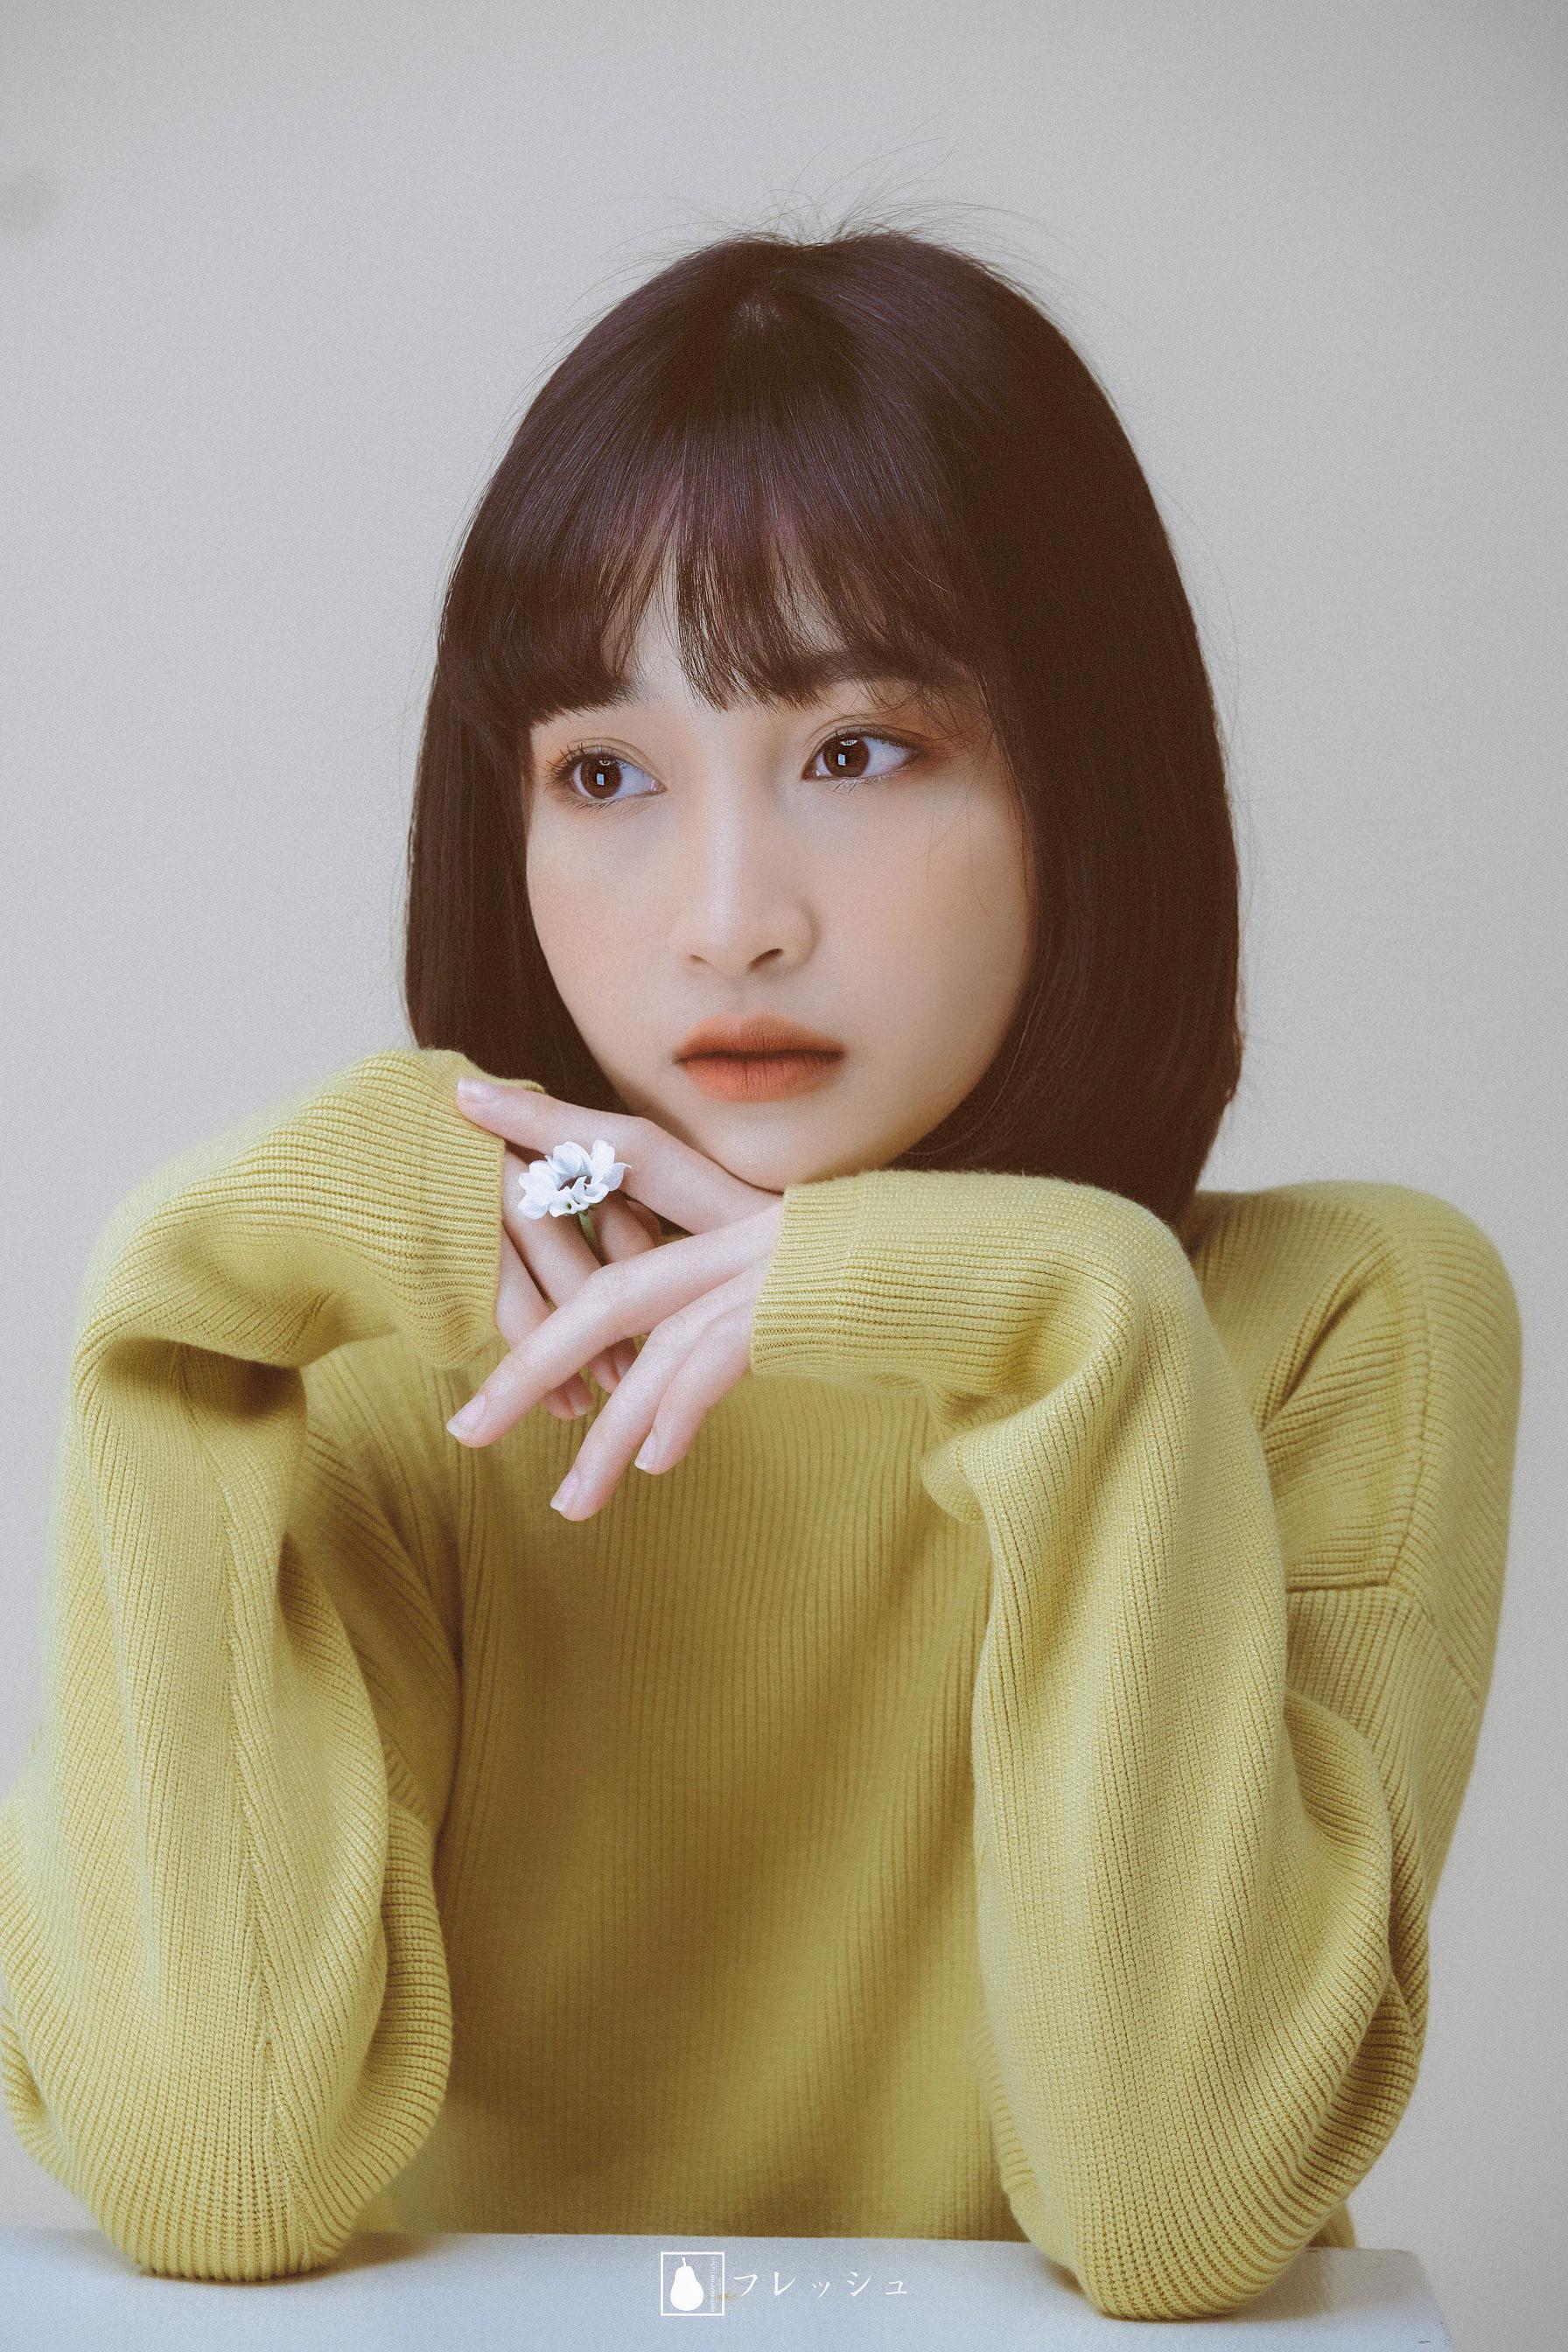 Juky San 'gây thương nhớ' với vẻ đẹp mong manh, hé lộ dự án đặc biệt dành tặng người hâm mộ Ảnh 1